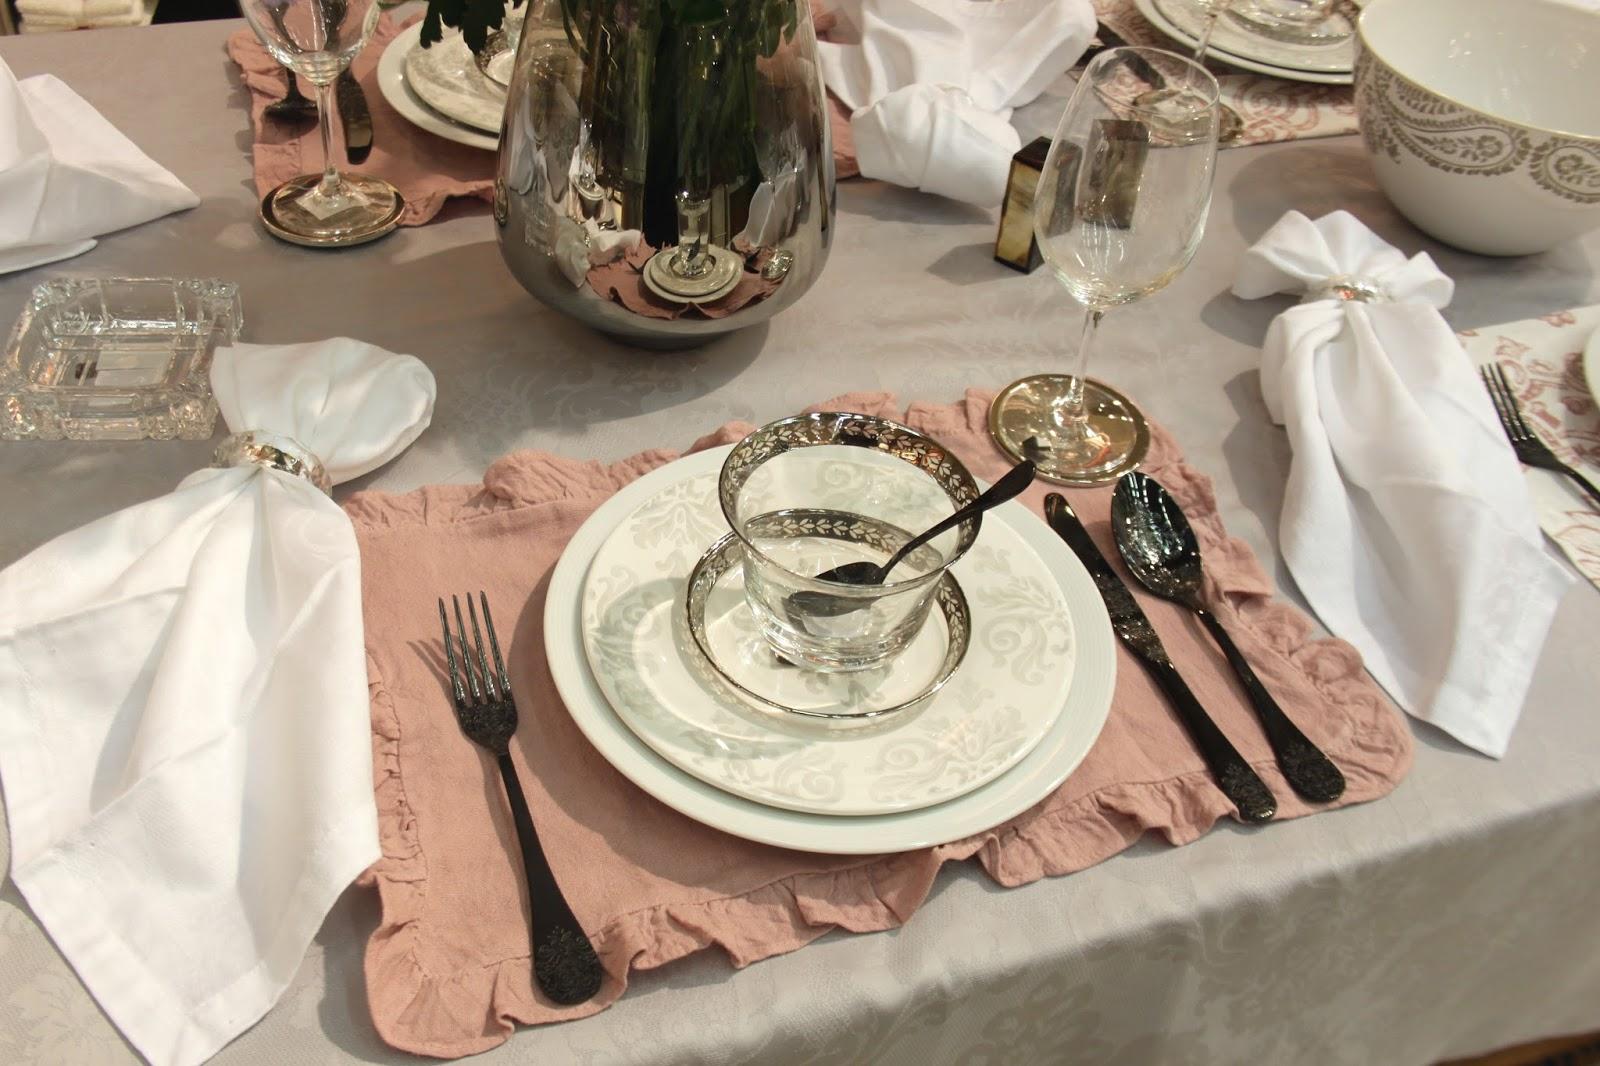 Dinner Plate 30 Qar each. Desert Plate 25 Qar each. Pink Soup Plate 39 Qar each. Glasses 30 Qar each. Knives 35 Qar each. Spoons 35 Qar each & Nada\u0027s Sketch Book: Zara Home \u0026 Nada\u0027s Interiors this Ramadan take 4